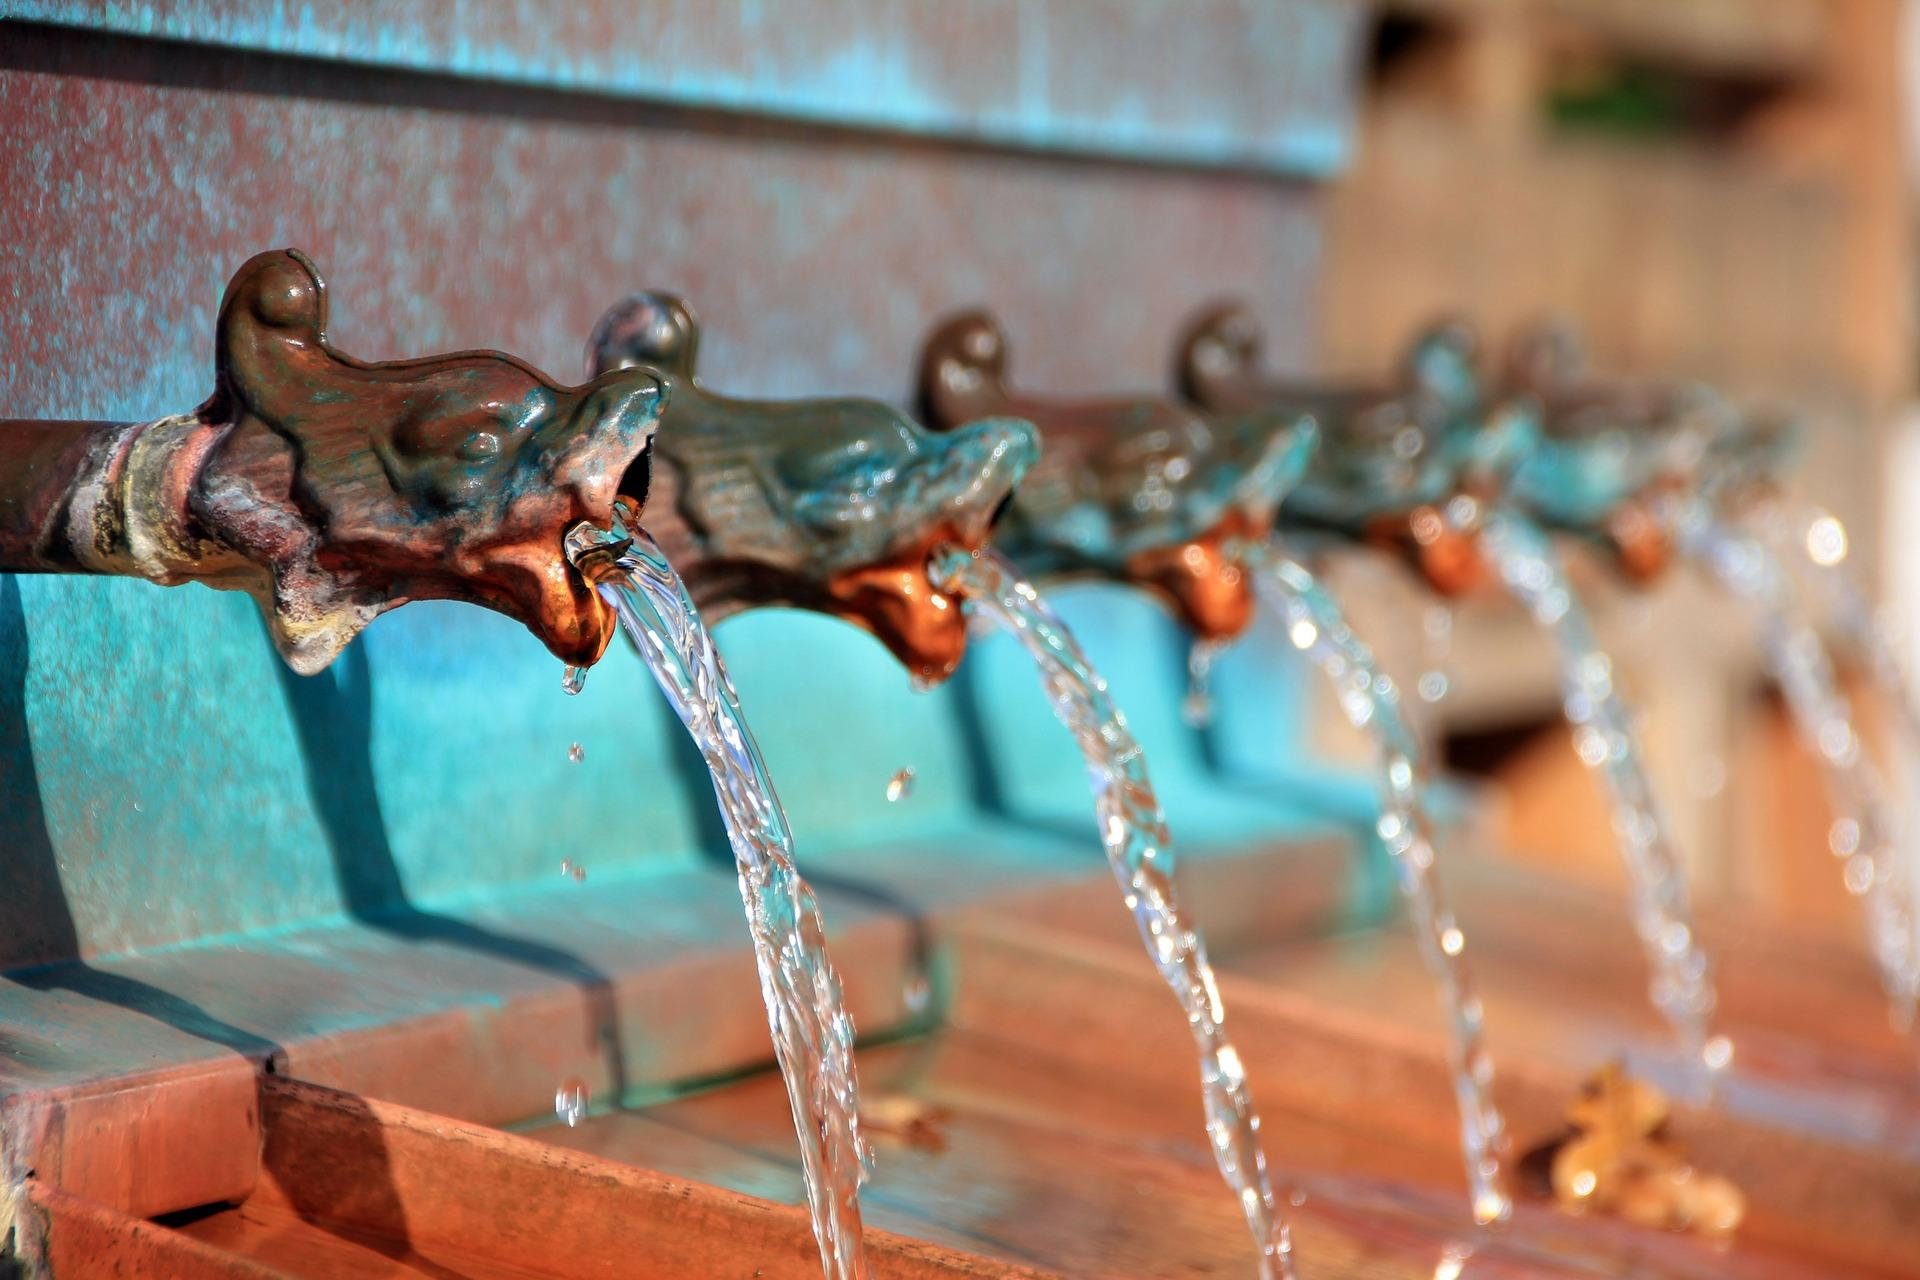 Врач призвал десантников воздержаться от купания в фонтанах, чтобы не заразиться тифом и гепатитом